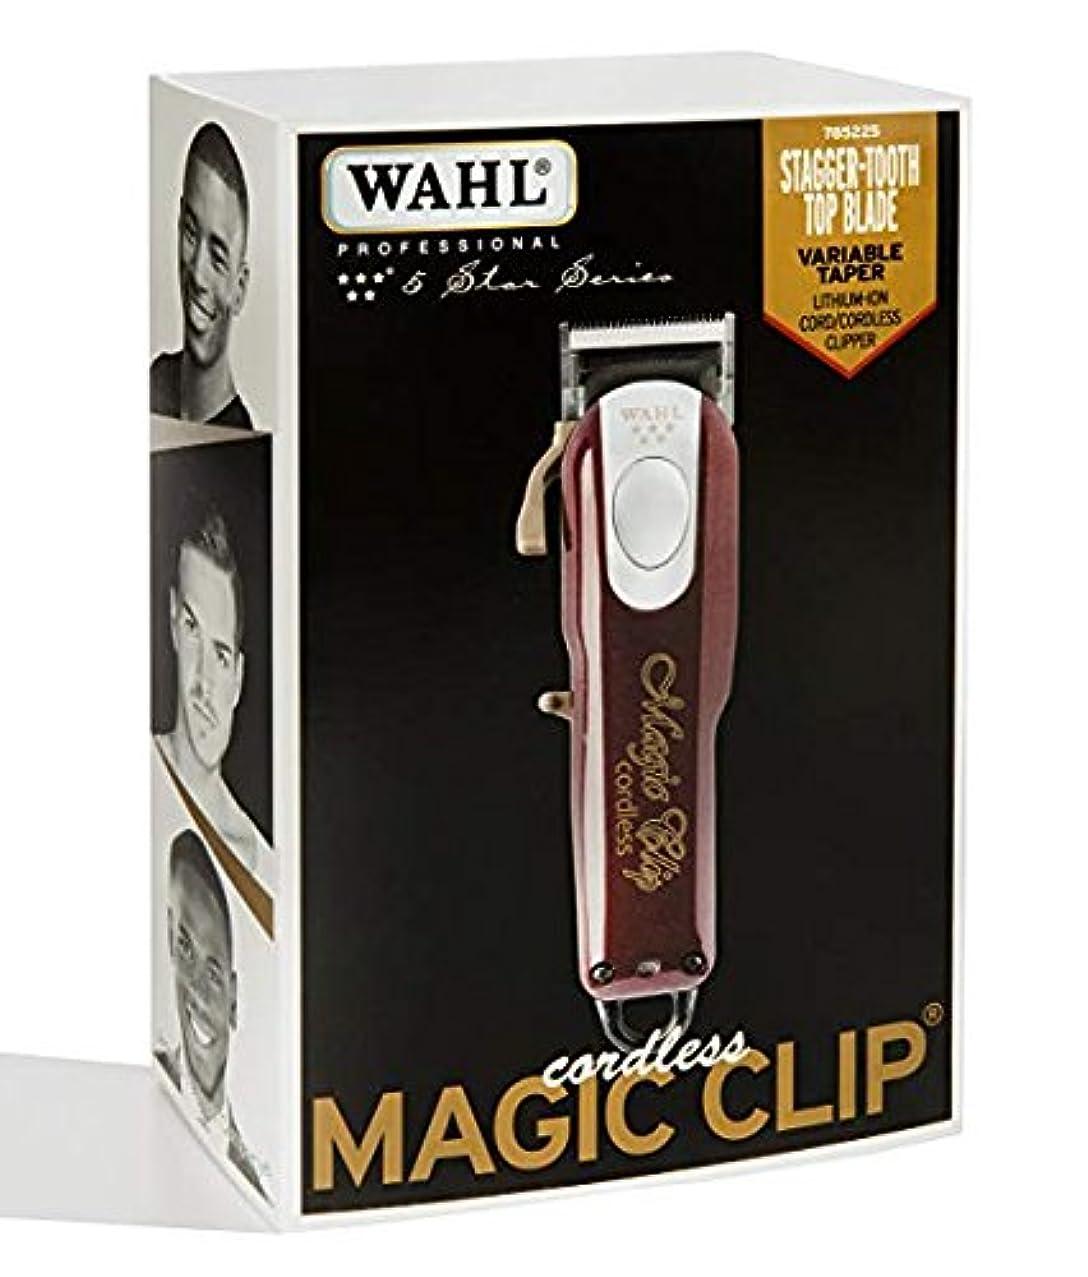 オンス他に財団[Wahl] [すばらしいです 専用 理髪店とスタイリスト - 90分以上の実行時間 / Professional 5-Star Cord/Cordless Magic Clip #8148] (並行輸入品)